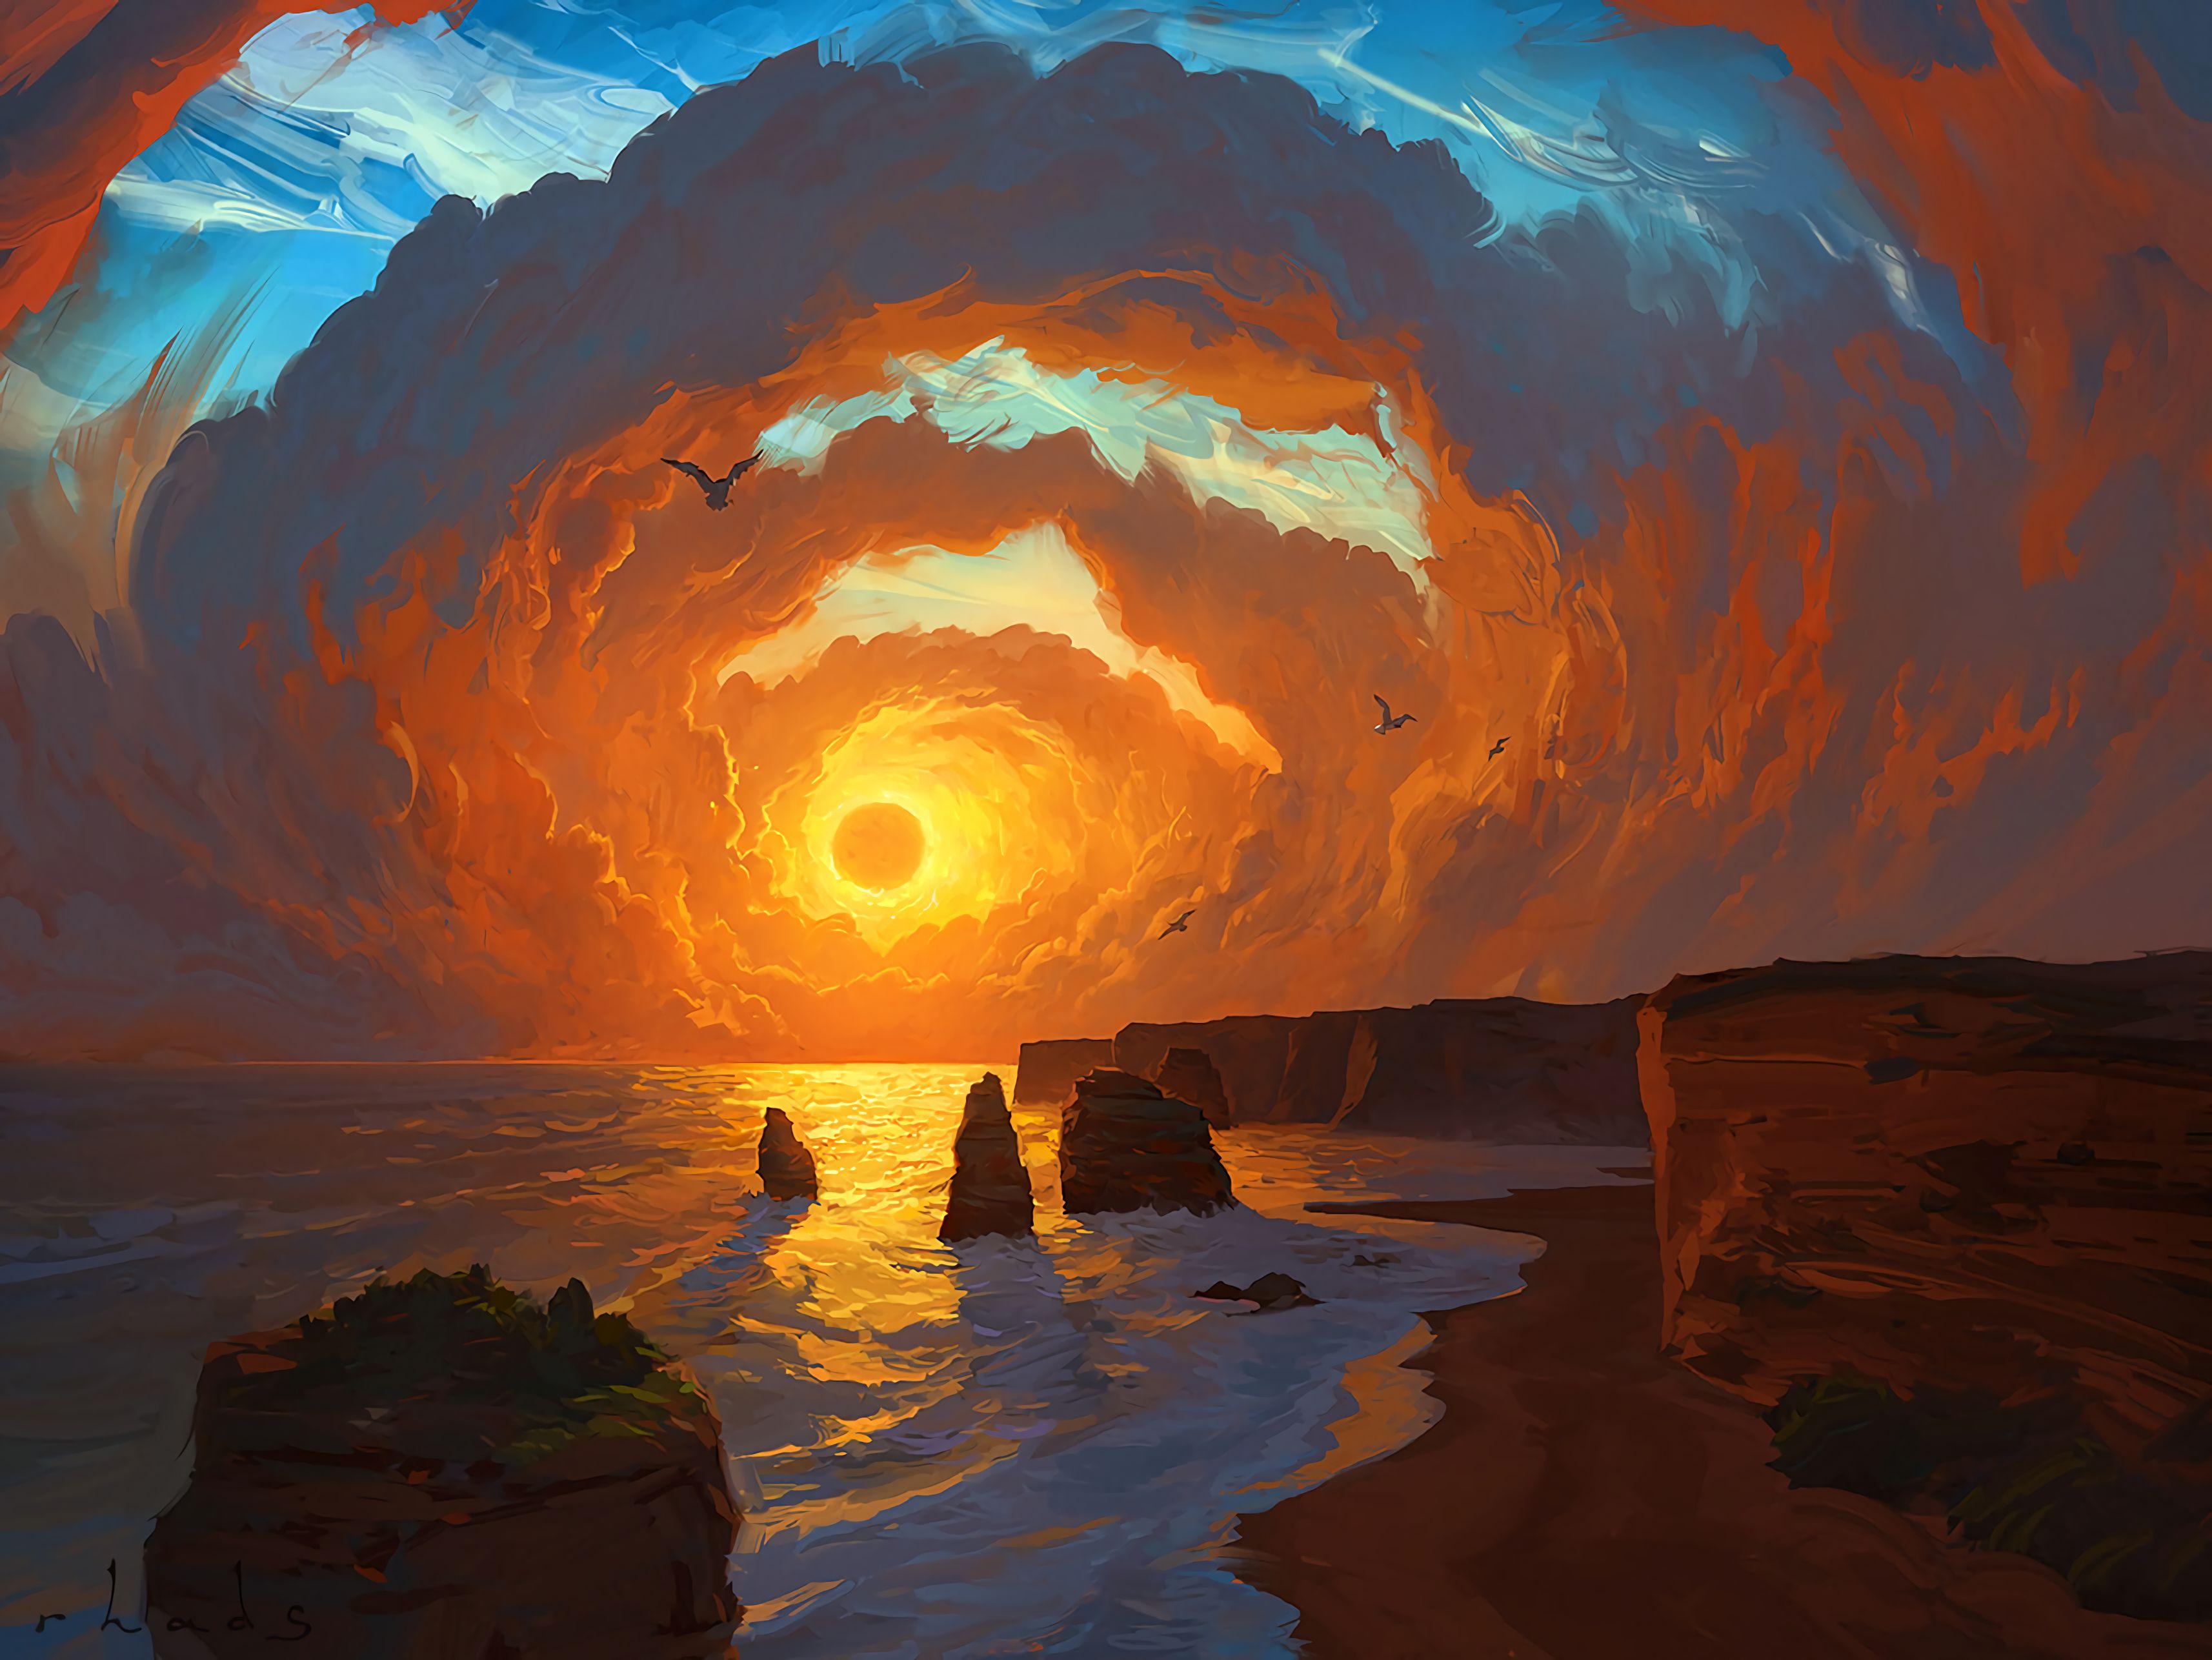 133466壁紙のダウンロード自然, 海, 日没, アート, 岩, スカイ, 雲, 風景-スクリーンセーバーと写真を無料で